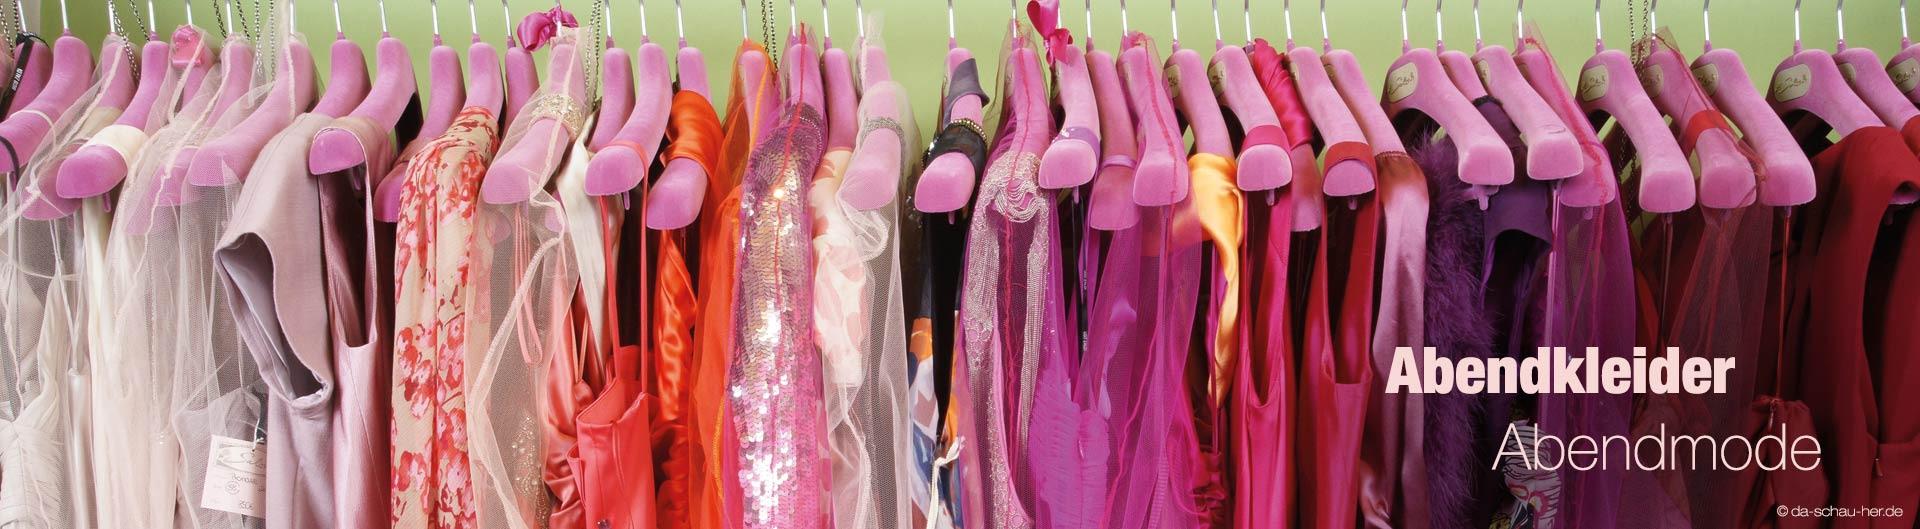 15 Wunderbar Abendkleid Augsburg Vertrieb - Abendkleid